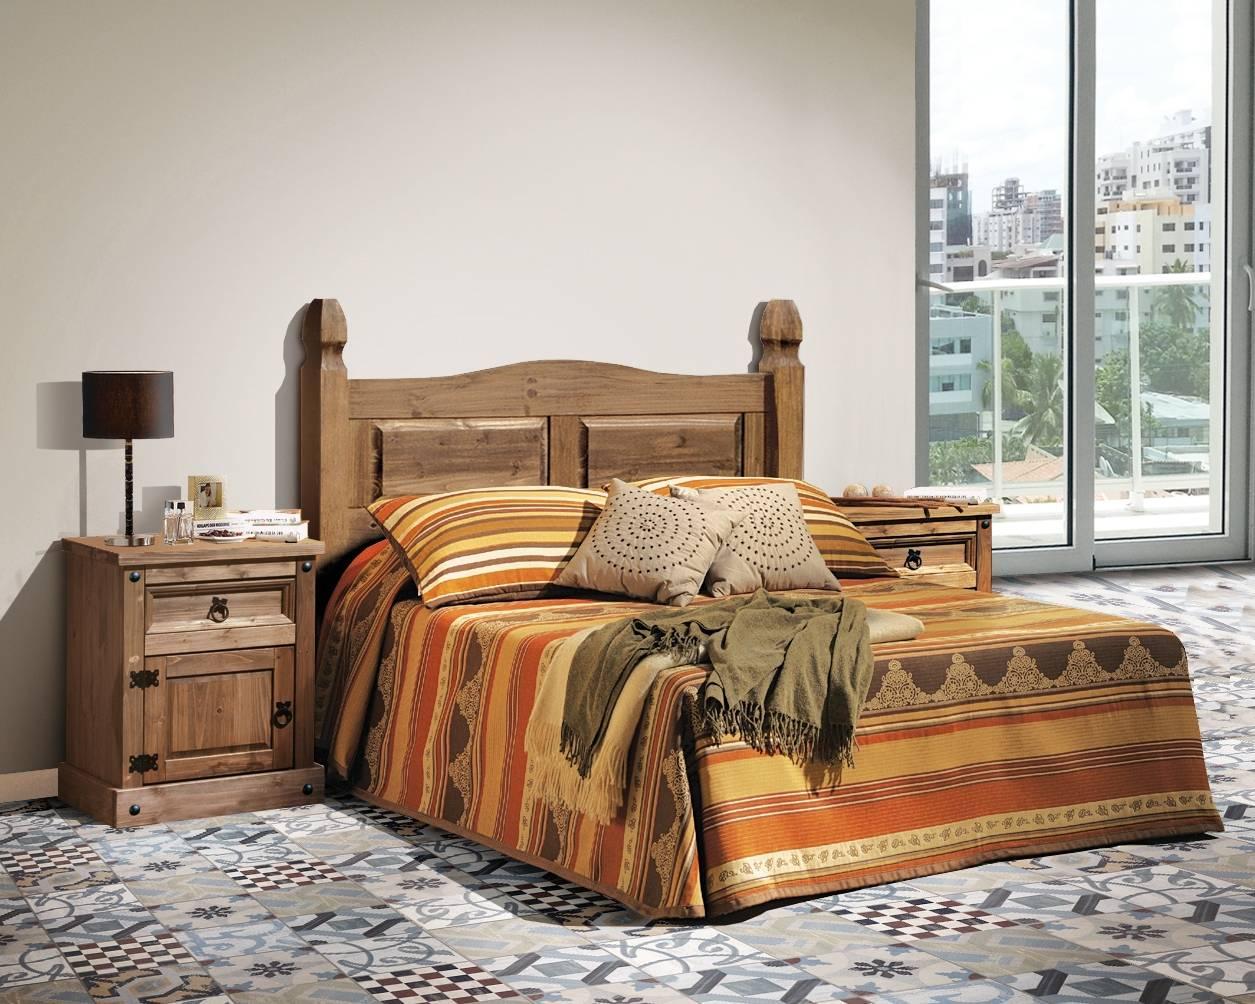 Dormitorios De Matrimonio Estilo Rustico : Dormitorio rústico online « ofertas de muebles online muebles peymar